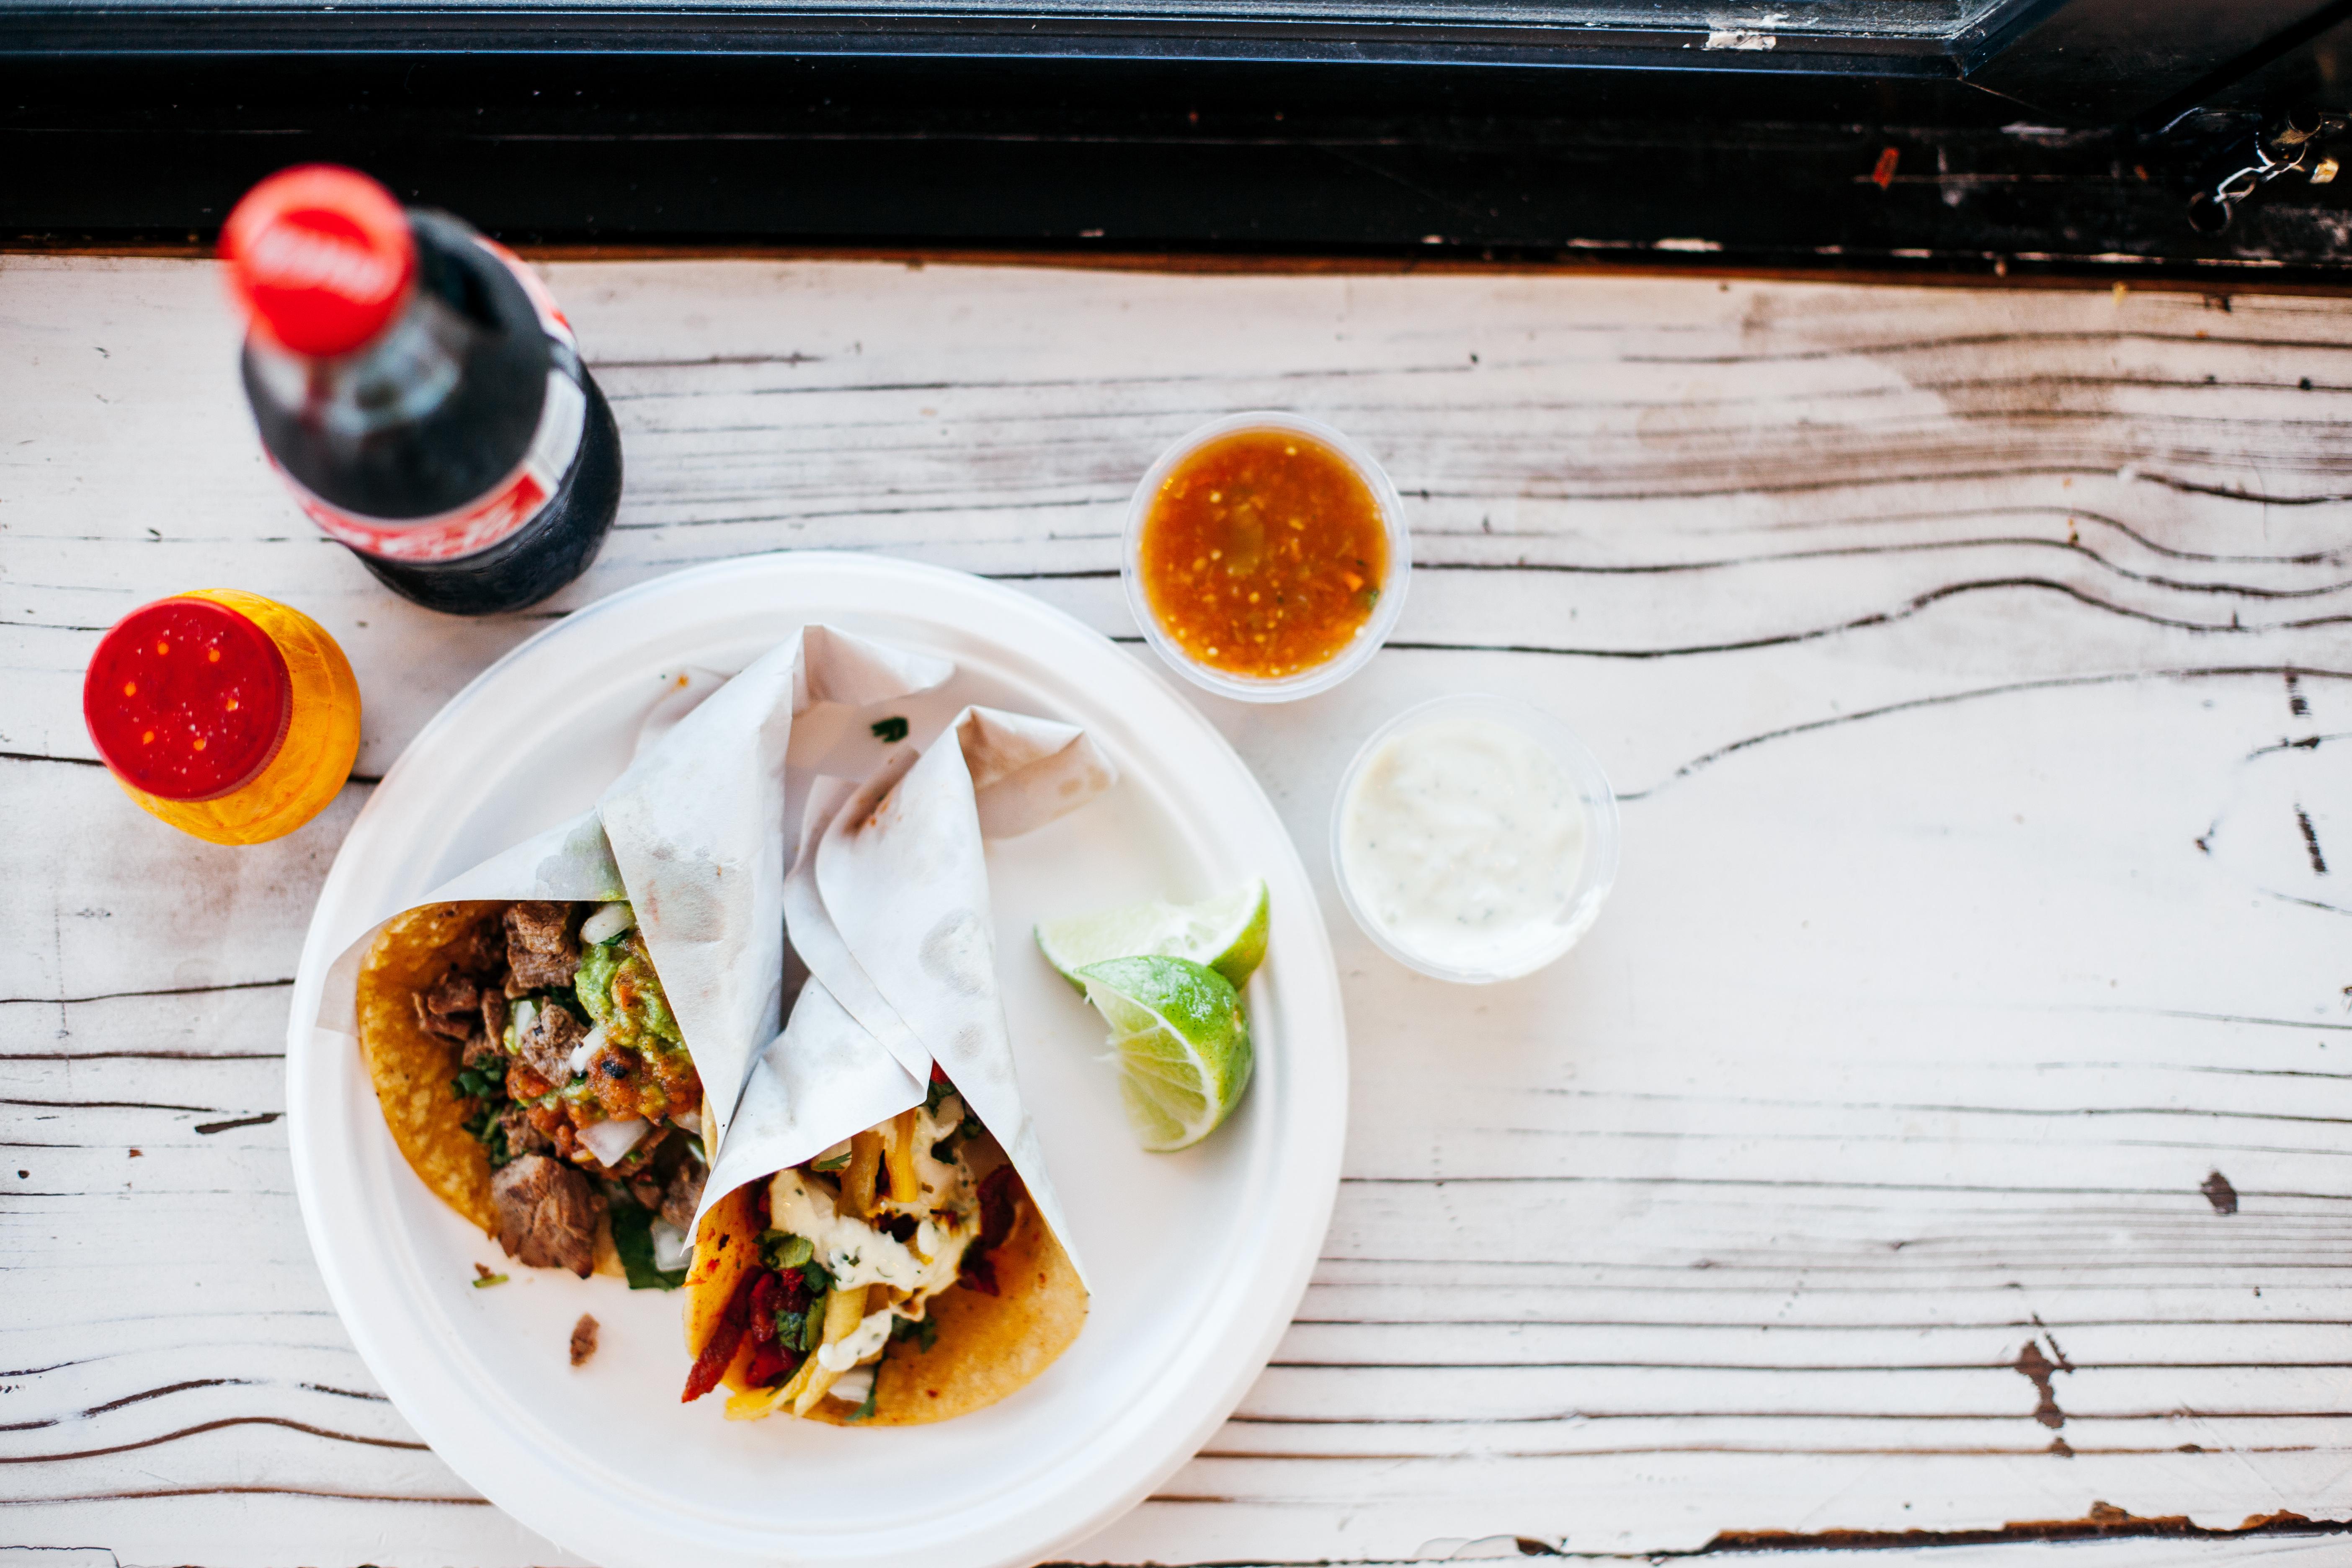 Taco Stand restaurant in La Jolla